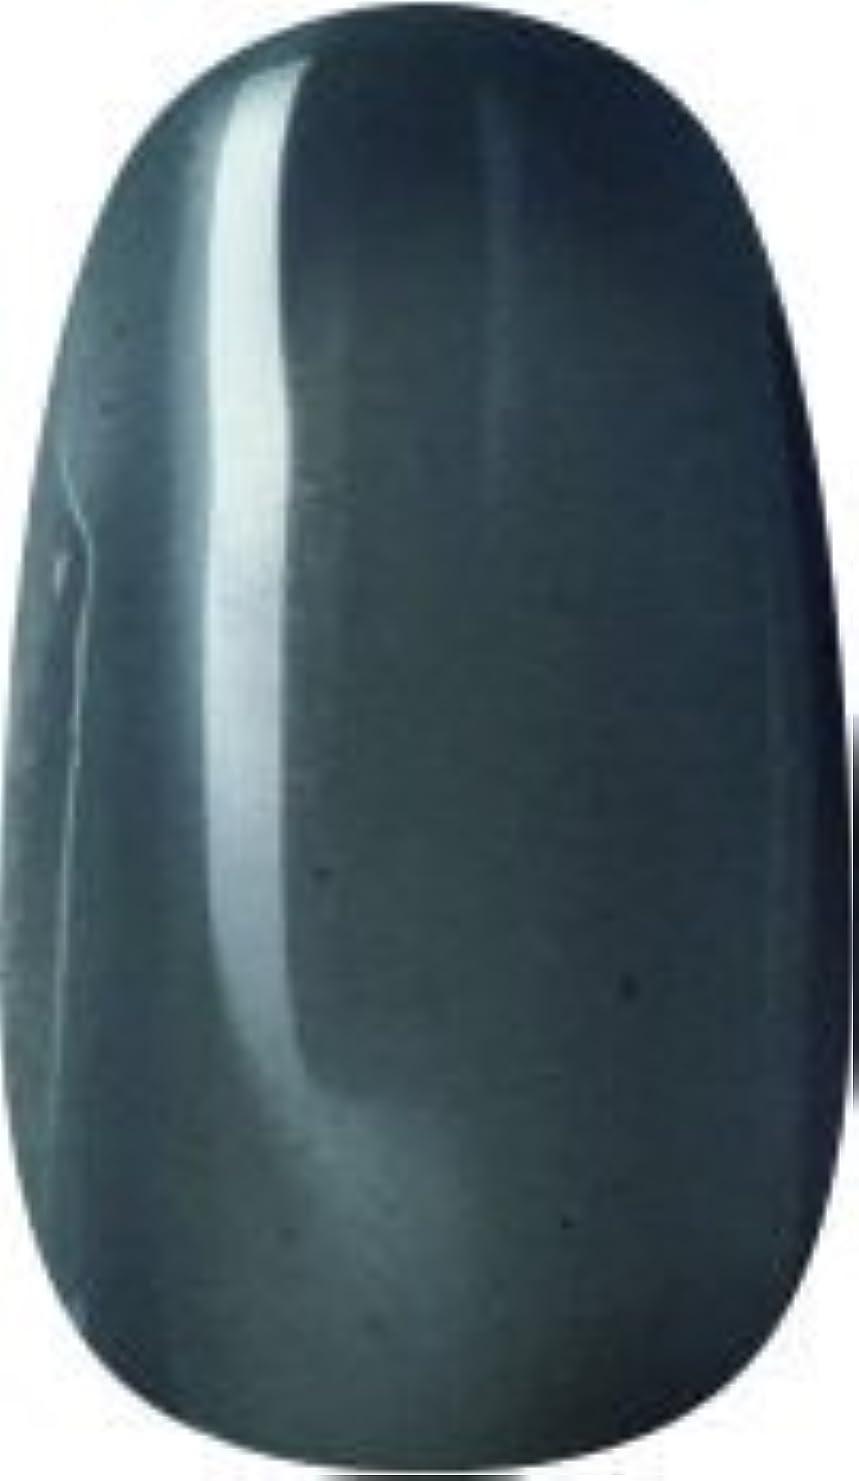 どちらも狂乱ダウンタウンラク カラージェル(66-クリアブラック)8g 今話題のラクジェル 素早く仕上カラージェル 抜群の発色とツヤ 国産ポリッシュタイプ オールインワン ワンステップジェルネイル RAKU COLOR GEL #66